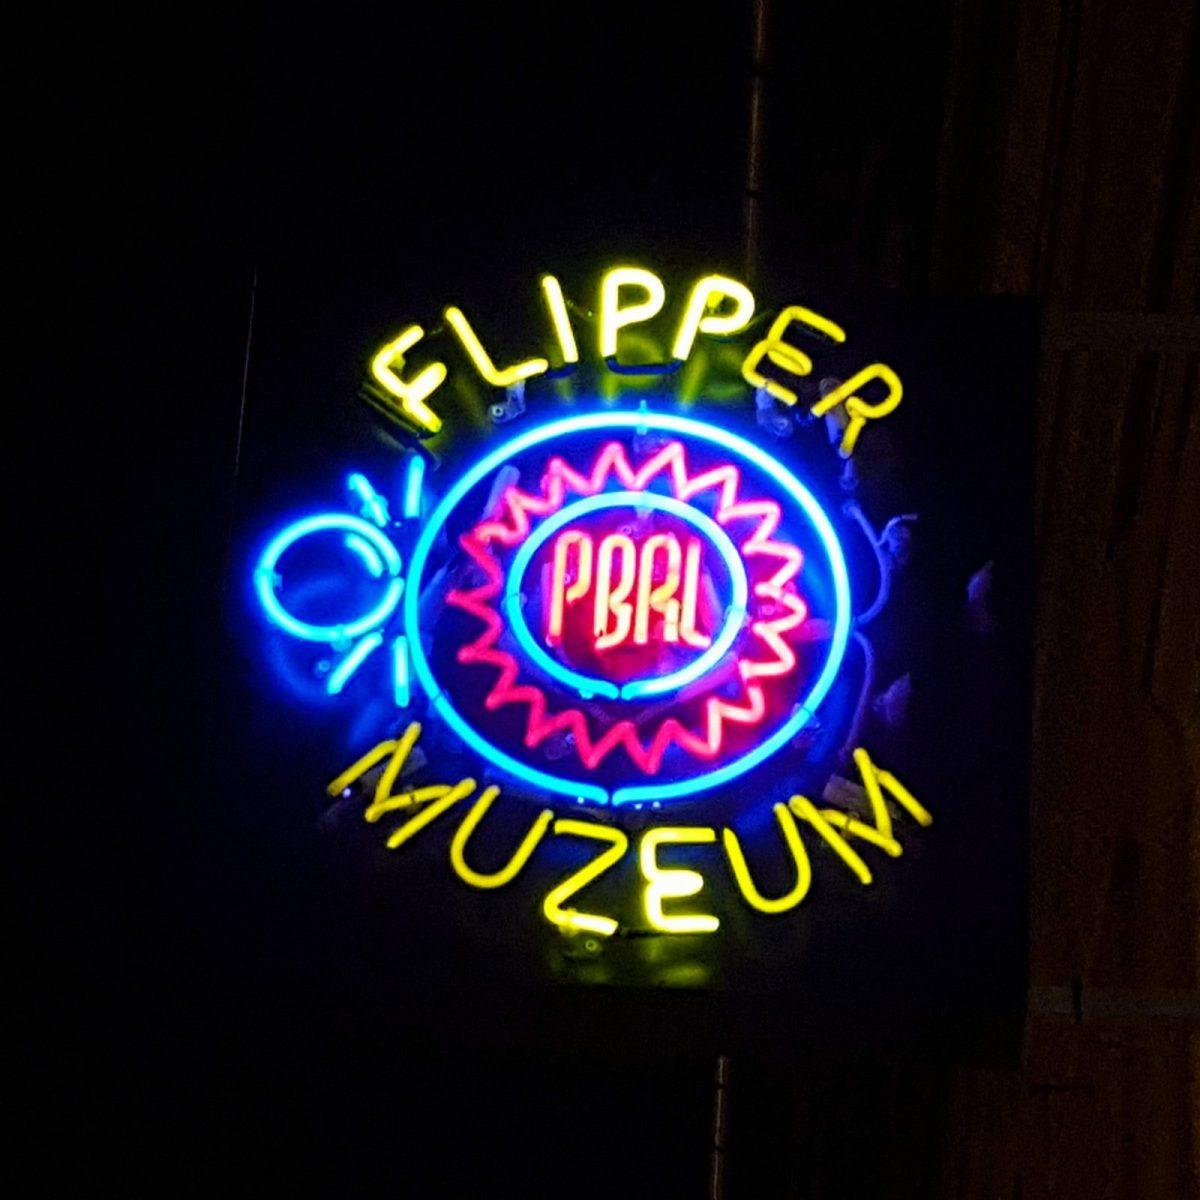 Flippermúzeum: Budapest's Pinball Museum 1